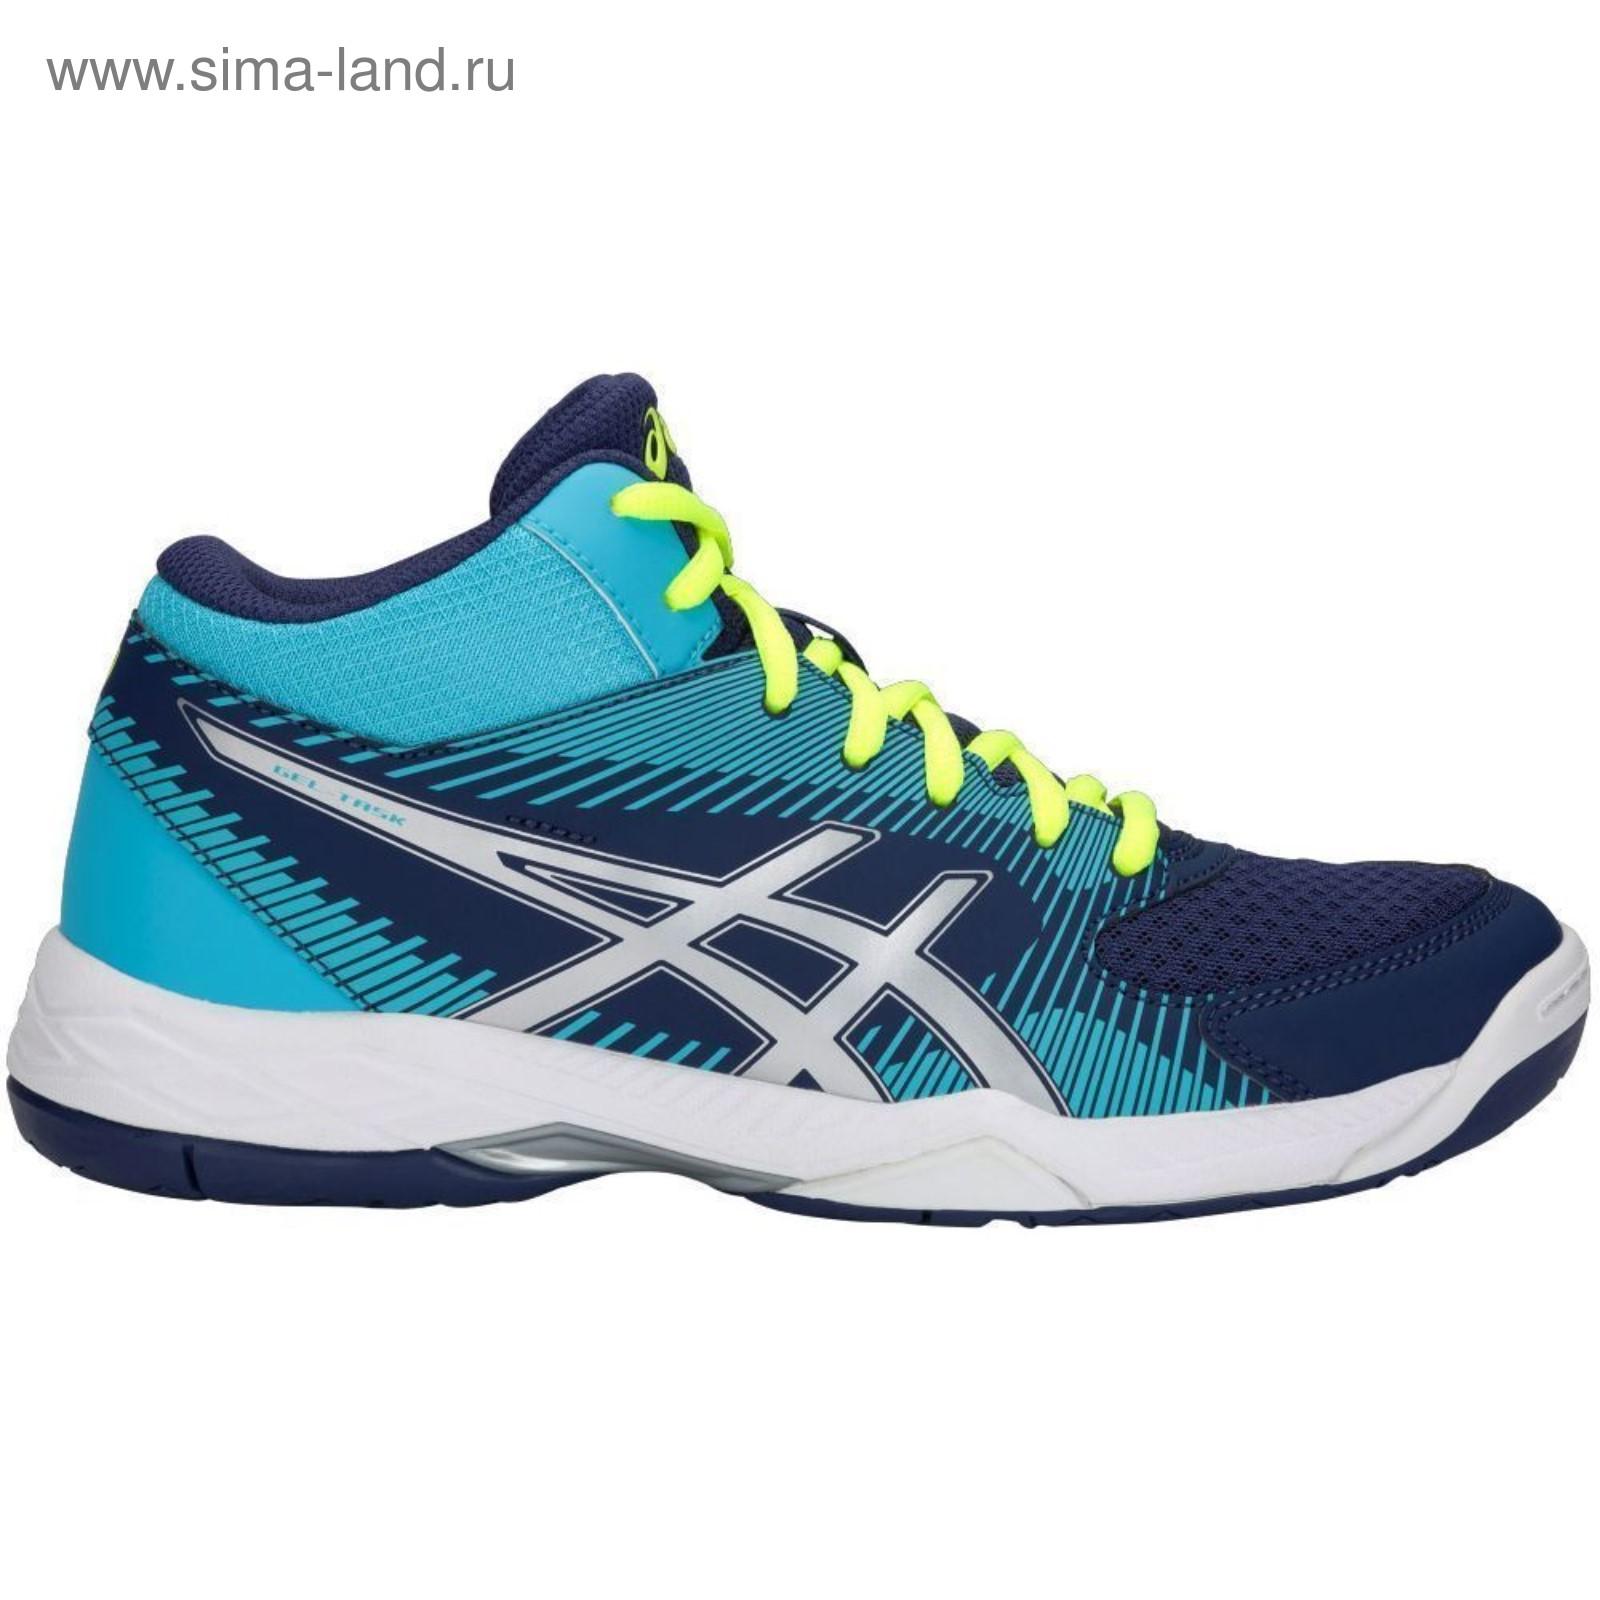 0aa71578 Кроссовки волейбольные ASICS B753Y 400 GEL-TASK MT, размер 11 ...